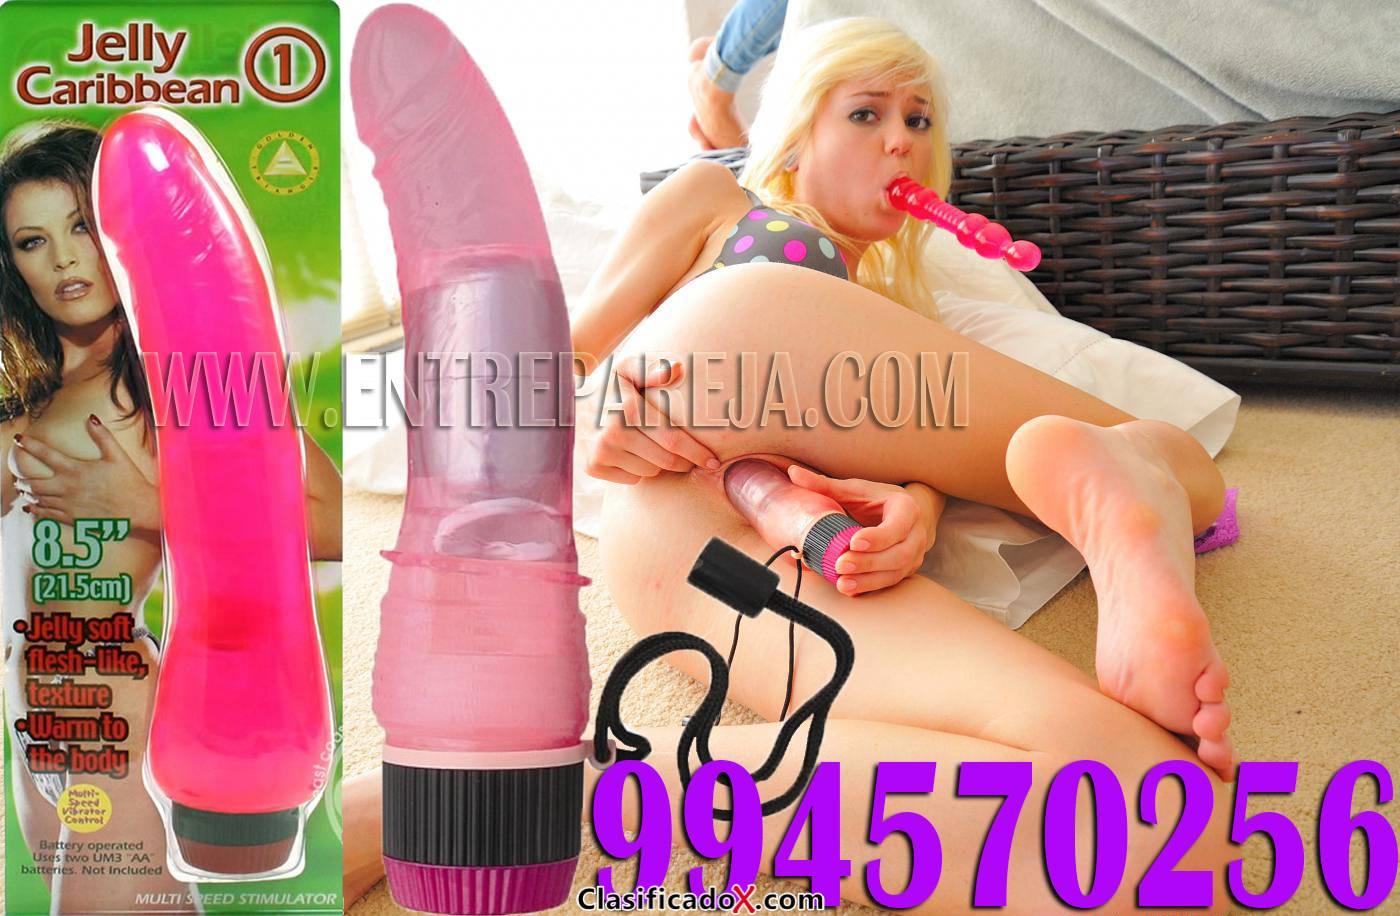 Consolador-Vibra_Rota_Contrae sexshop entre parejas Tlf: 4724566 - 994570256